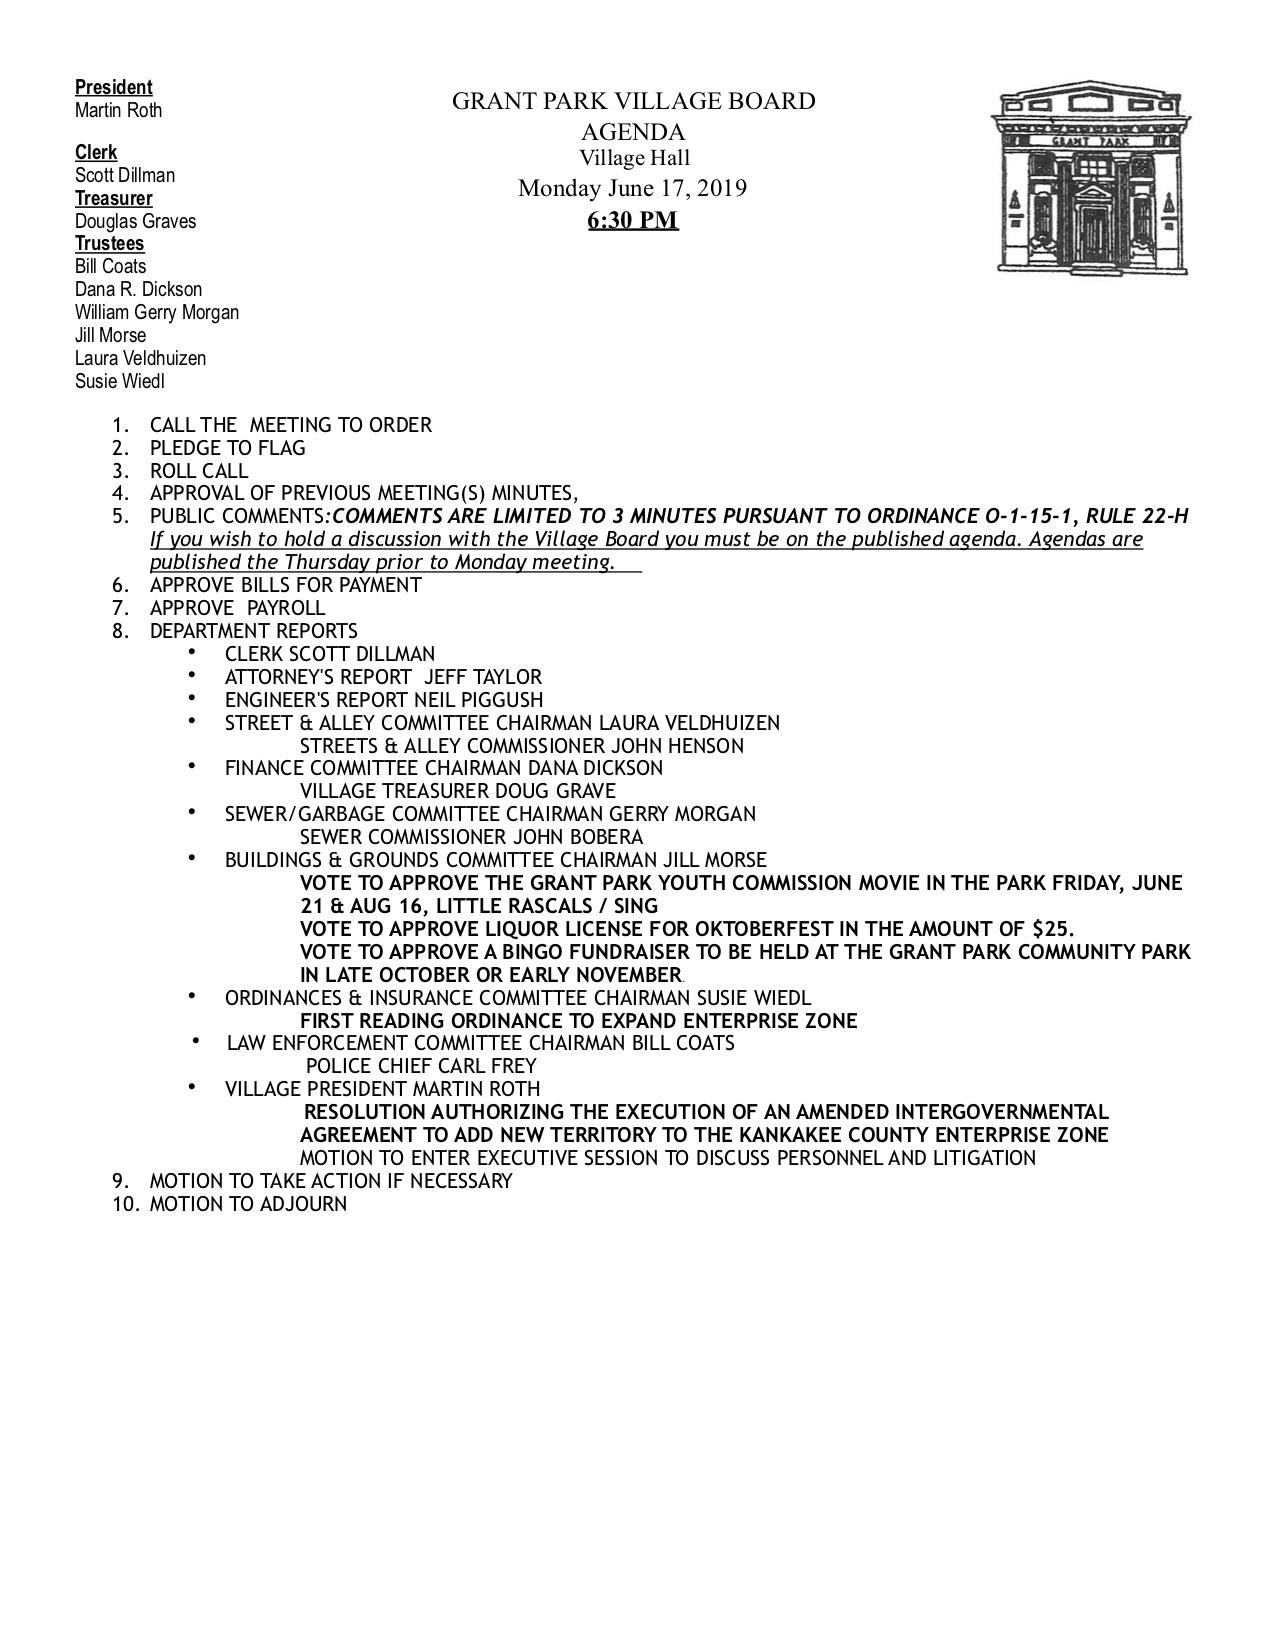 agenda61719.jpg